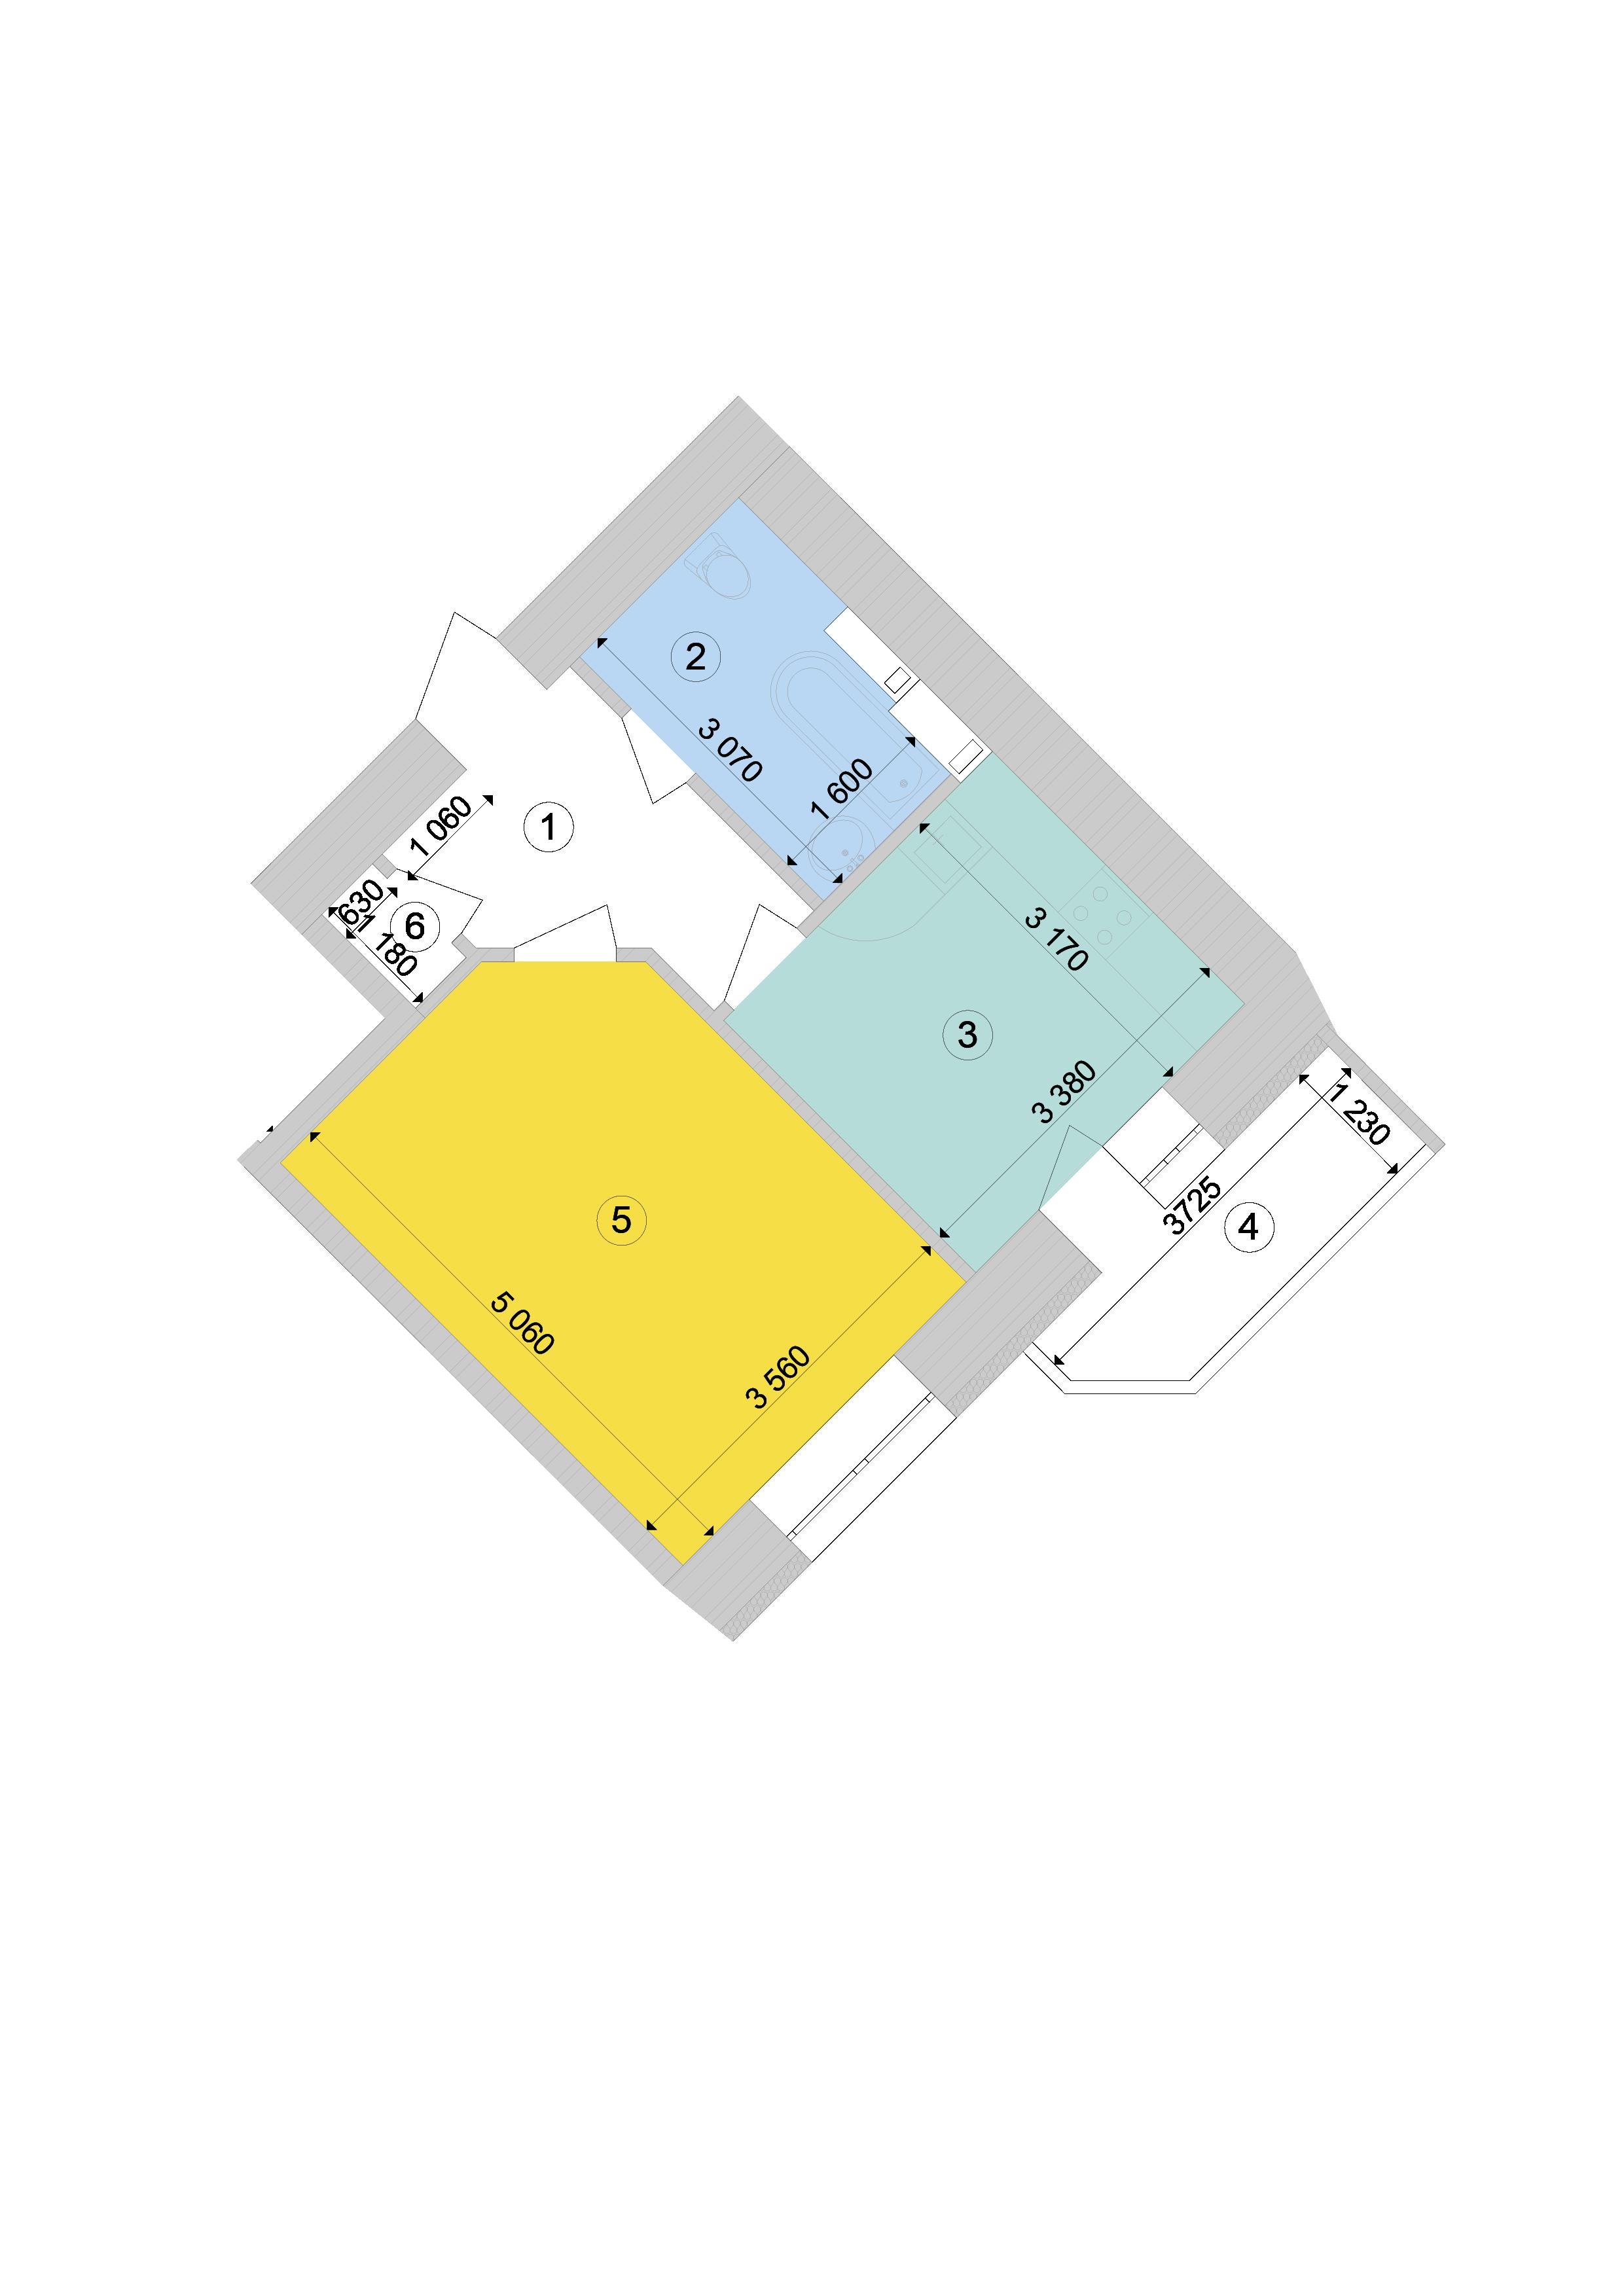 Купити Однокімнатна квартира 40,76 кв.м., тип 1.1, будинок 1, секція 9 в Києві Голосіївський район